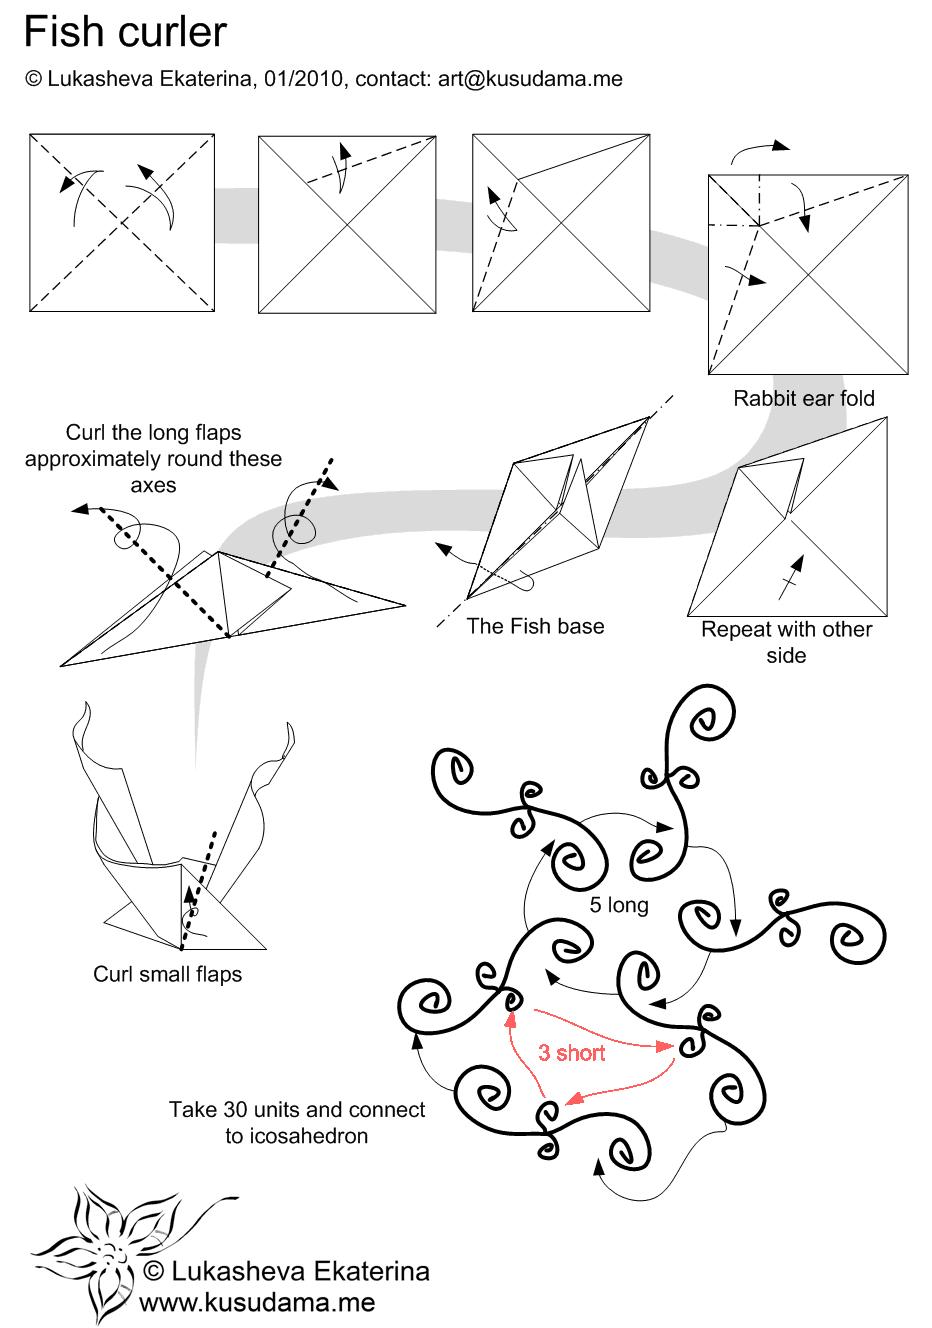 fish curler kasudama instructions  part 1  kusudama me